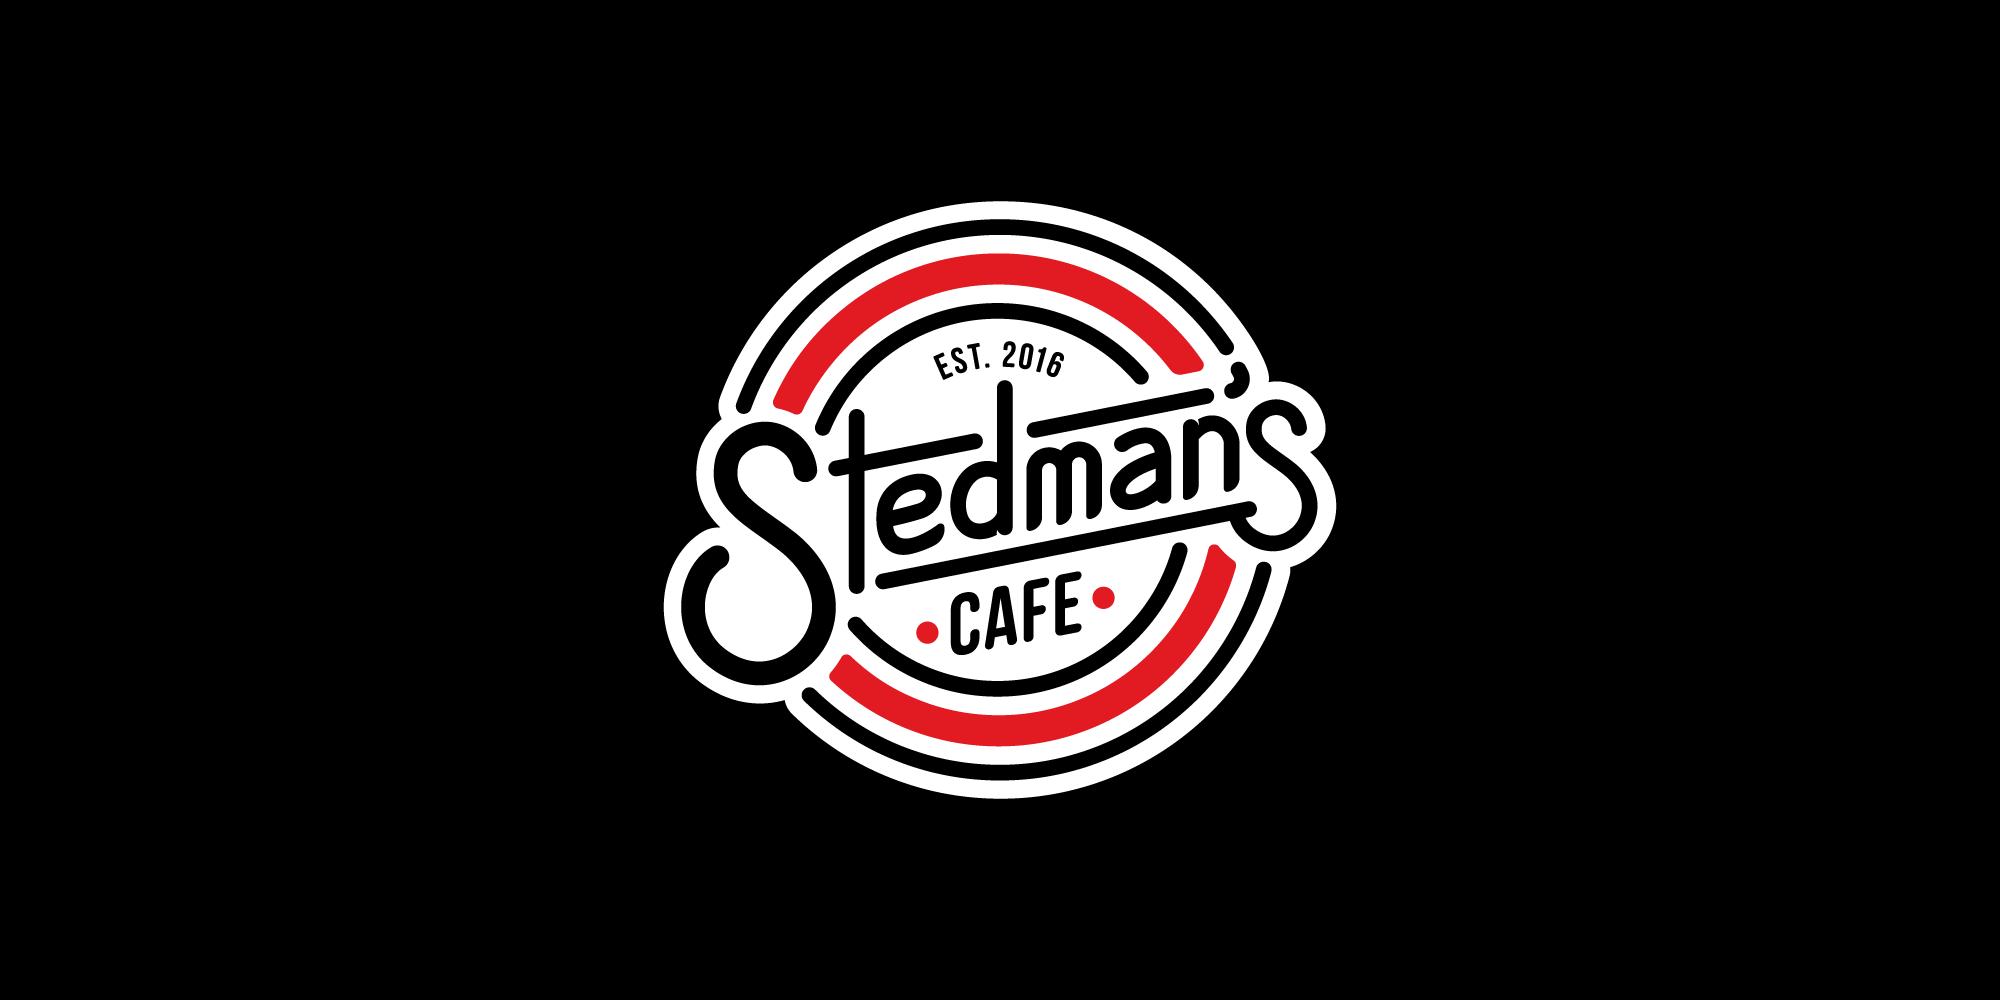 stedmans-logo-1.png